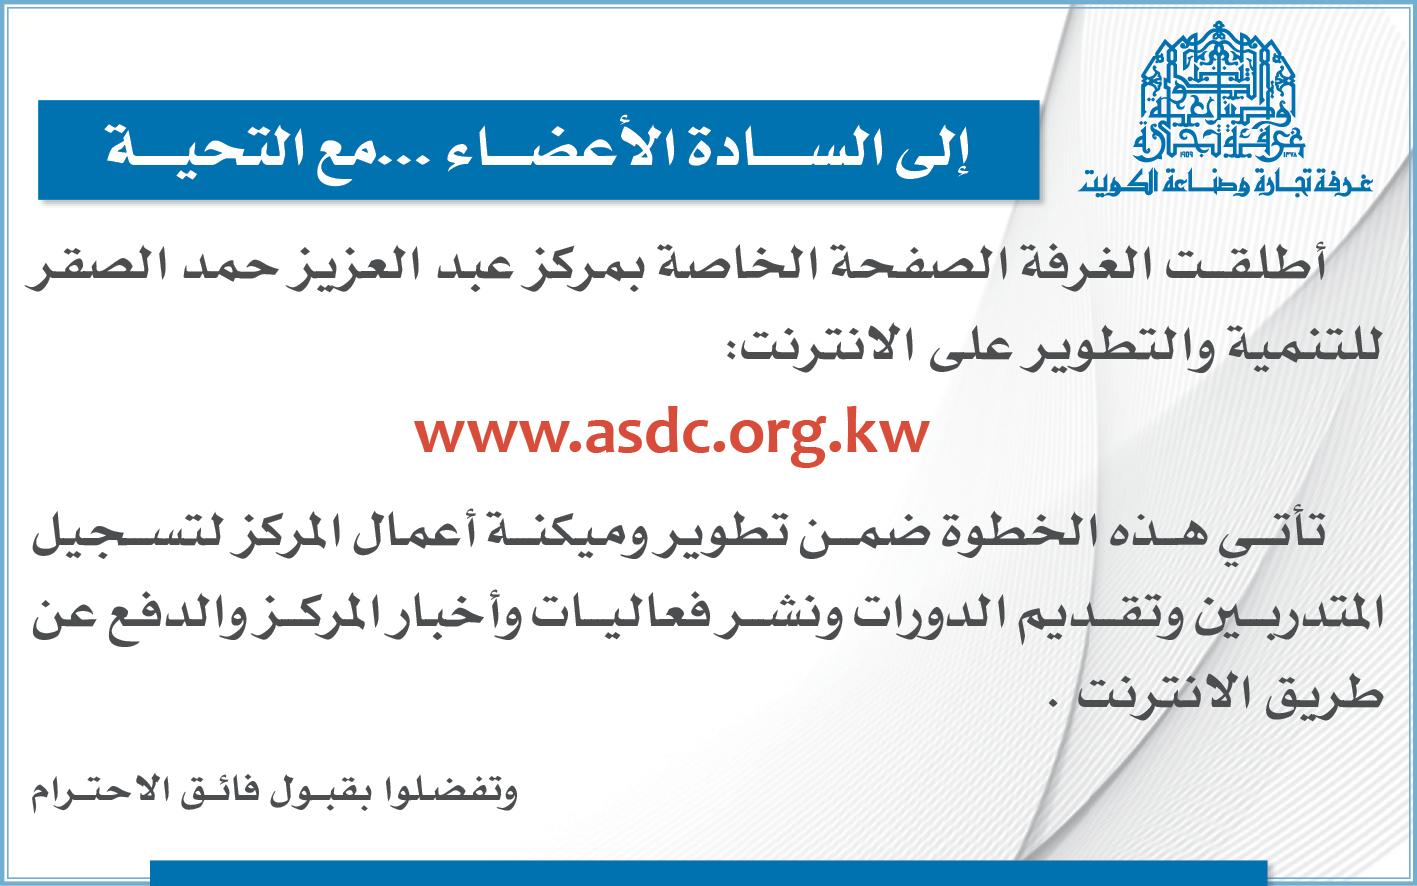 موقع الإلكتروني الجديد لمركز عبدالعزيز حمد الصقر للتنمية والتطوير